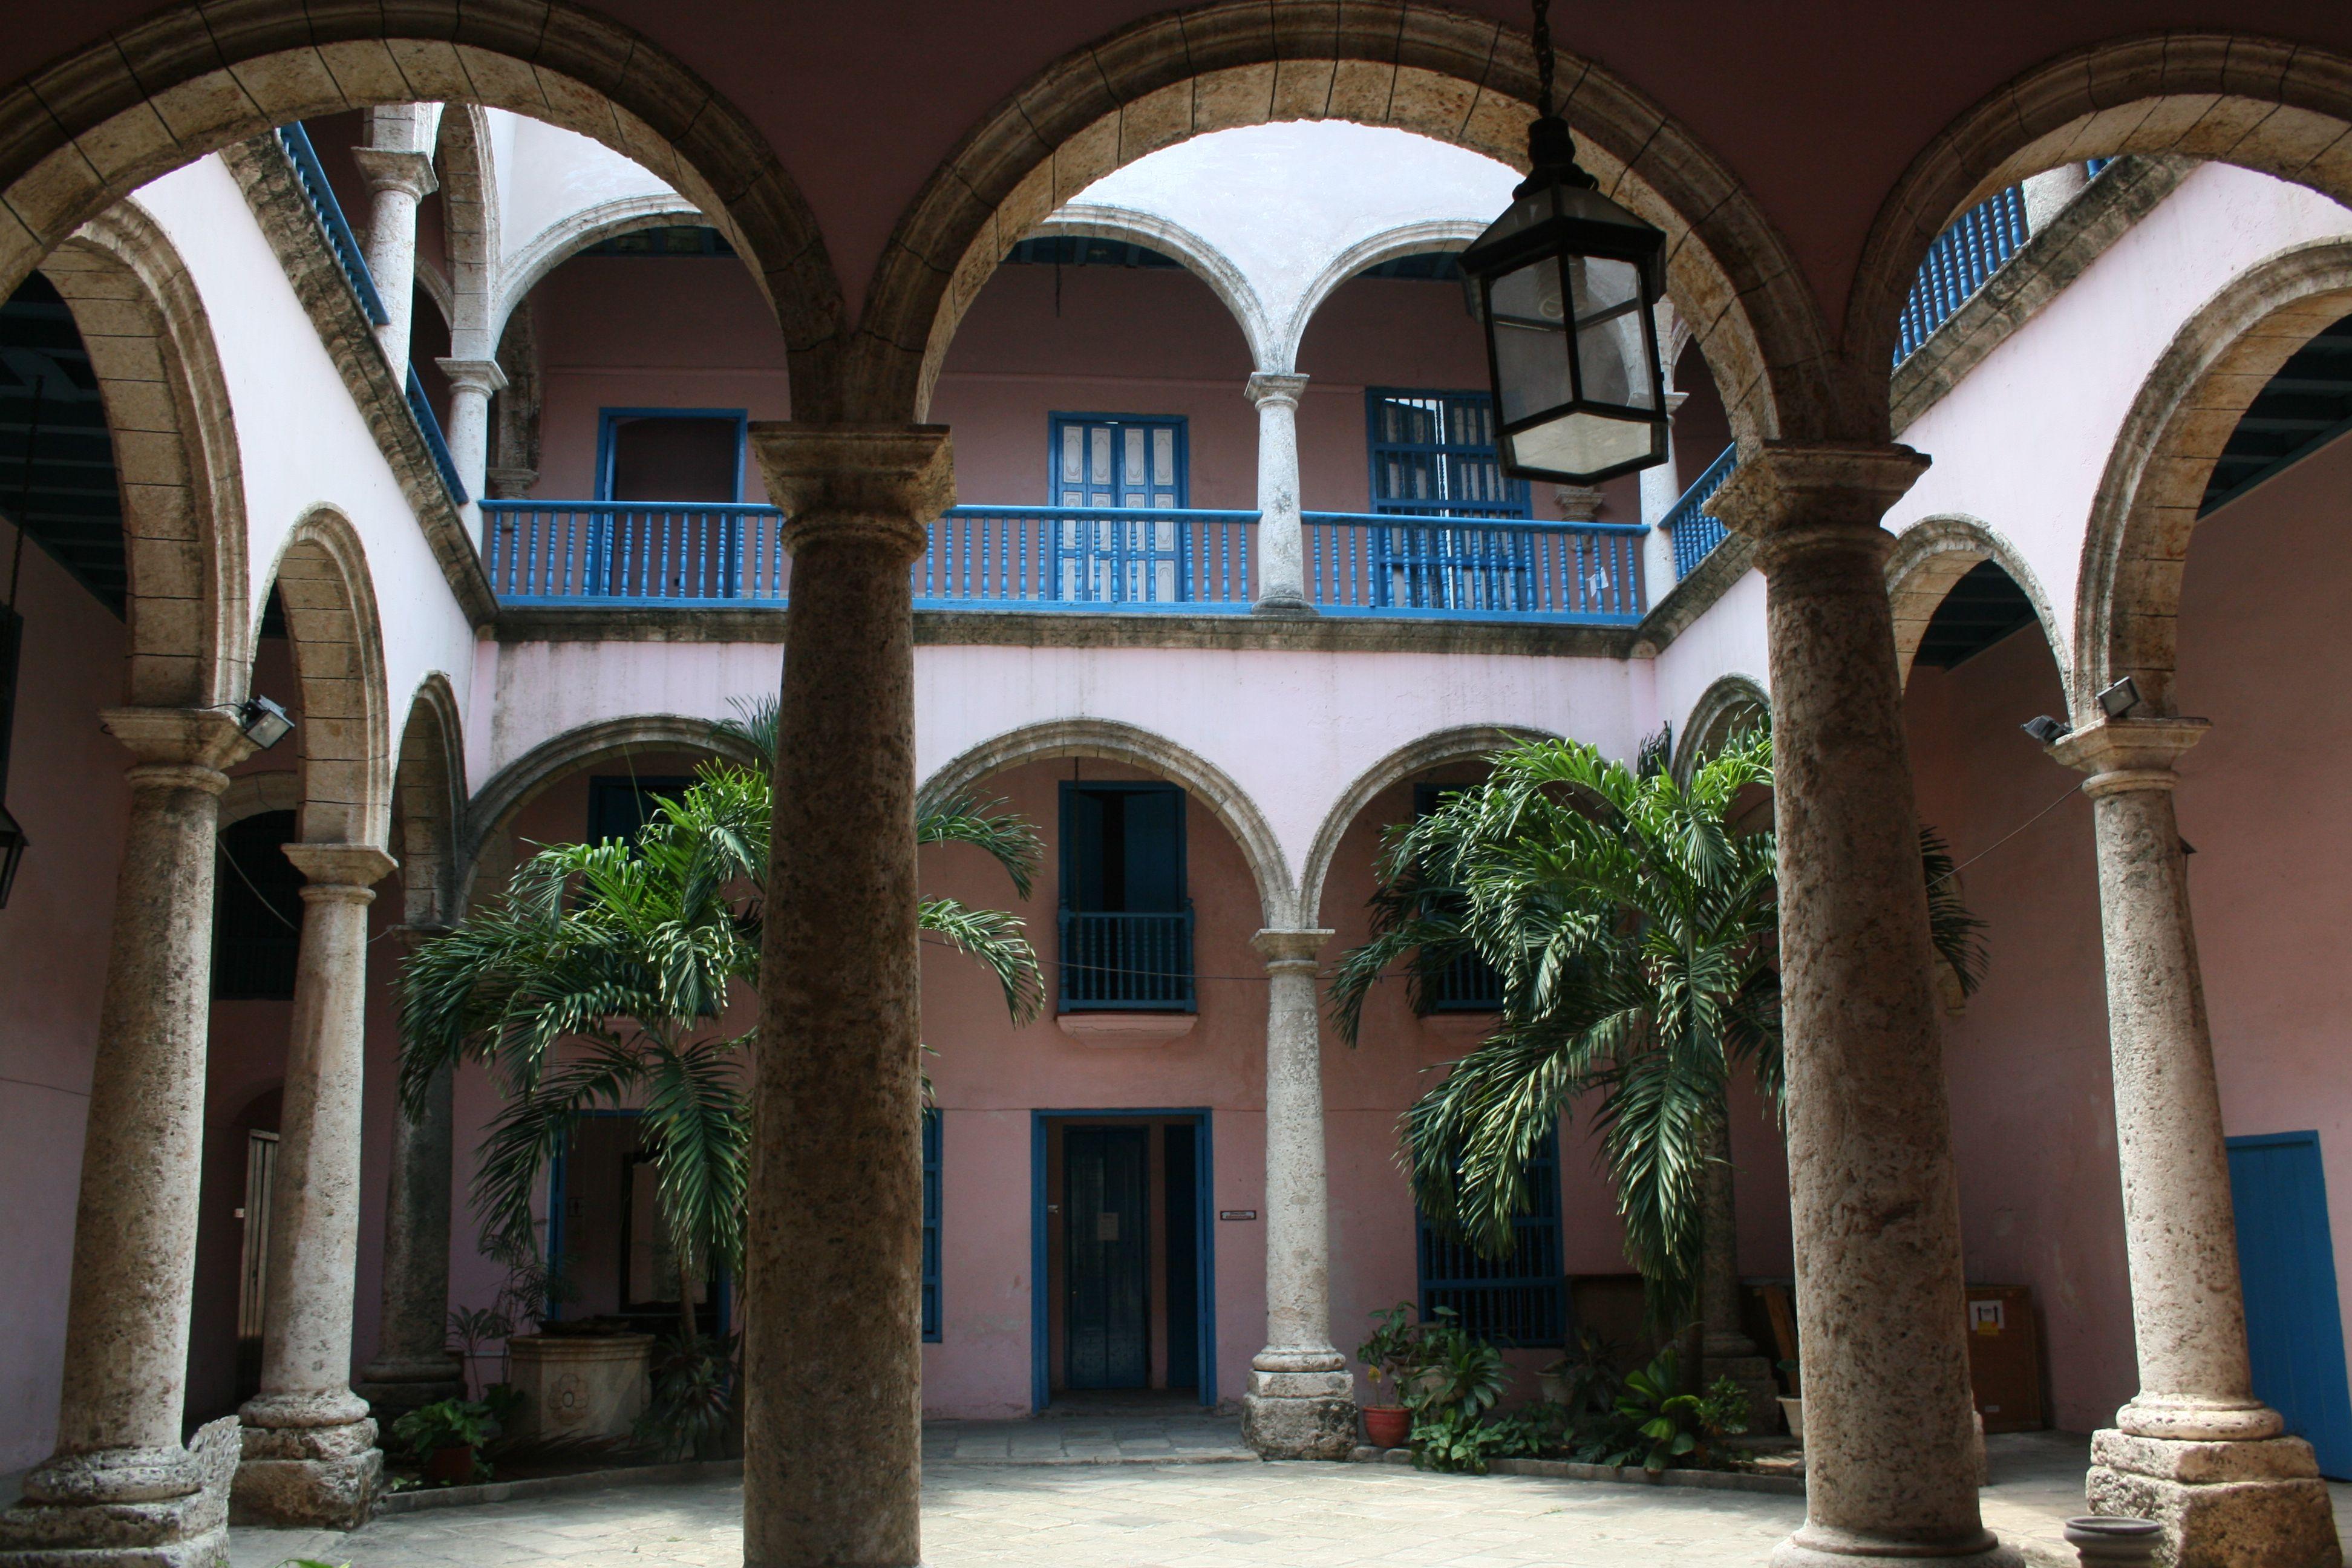 House and garden in Havana